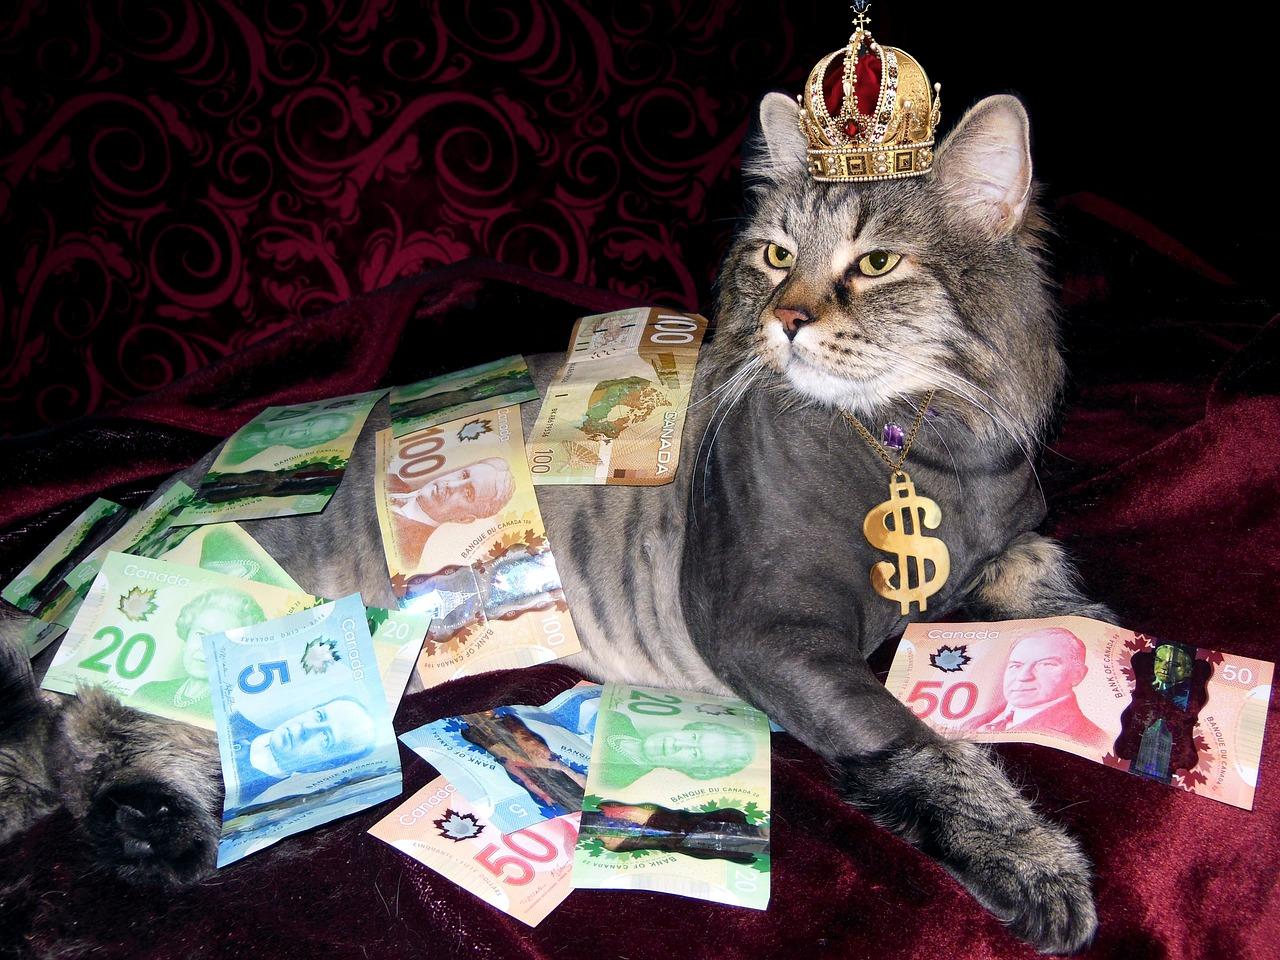 日本円を現地通貨に換金する3つの方法 1番ラクで得なのは海外送金?